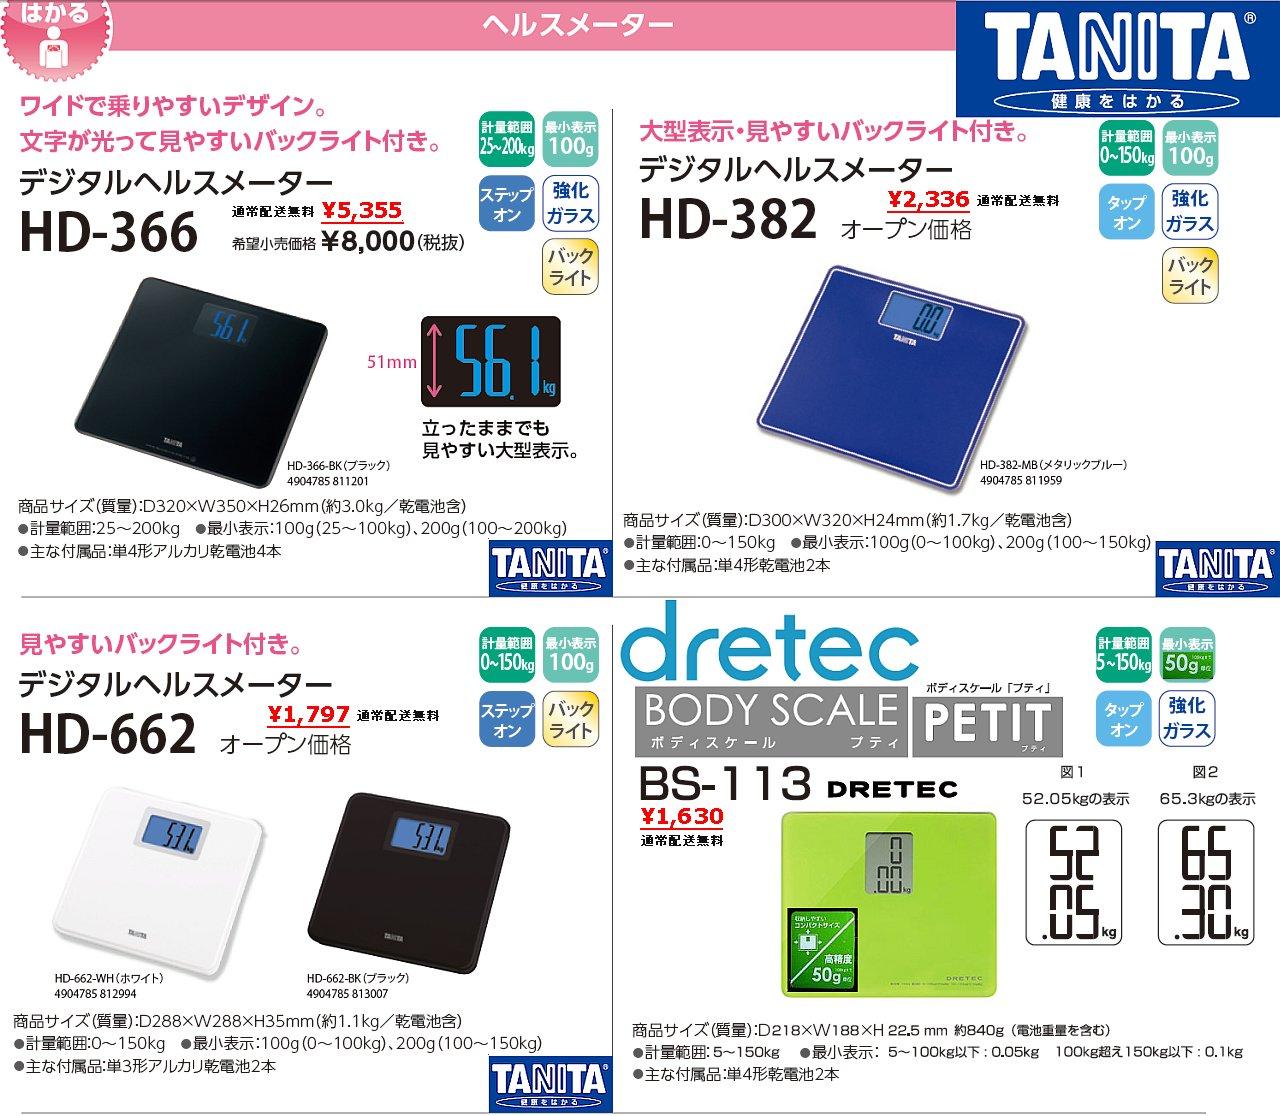 TANITA  デジタルヘルスメーター HD-366、HD-382、HD-662、dretec ドリテック ボディスケール BS-113